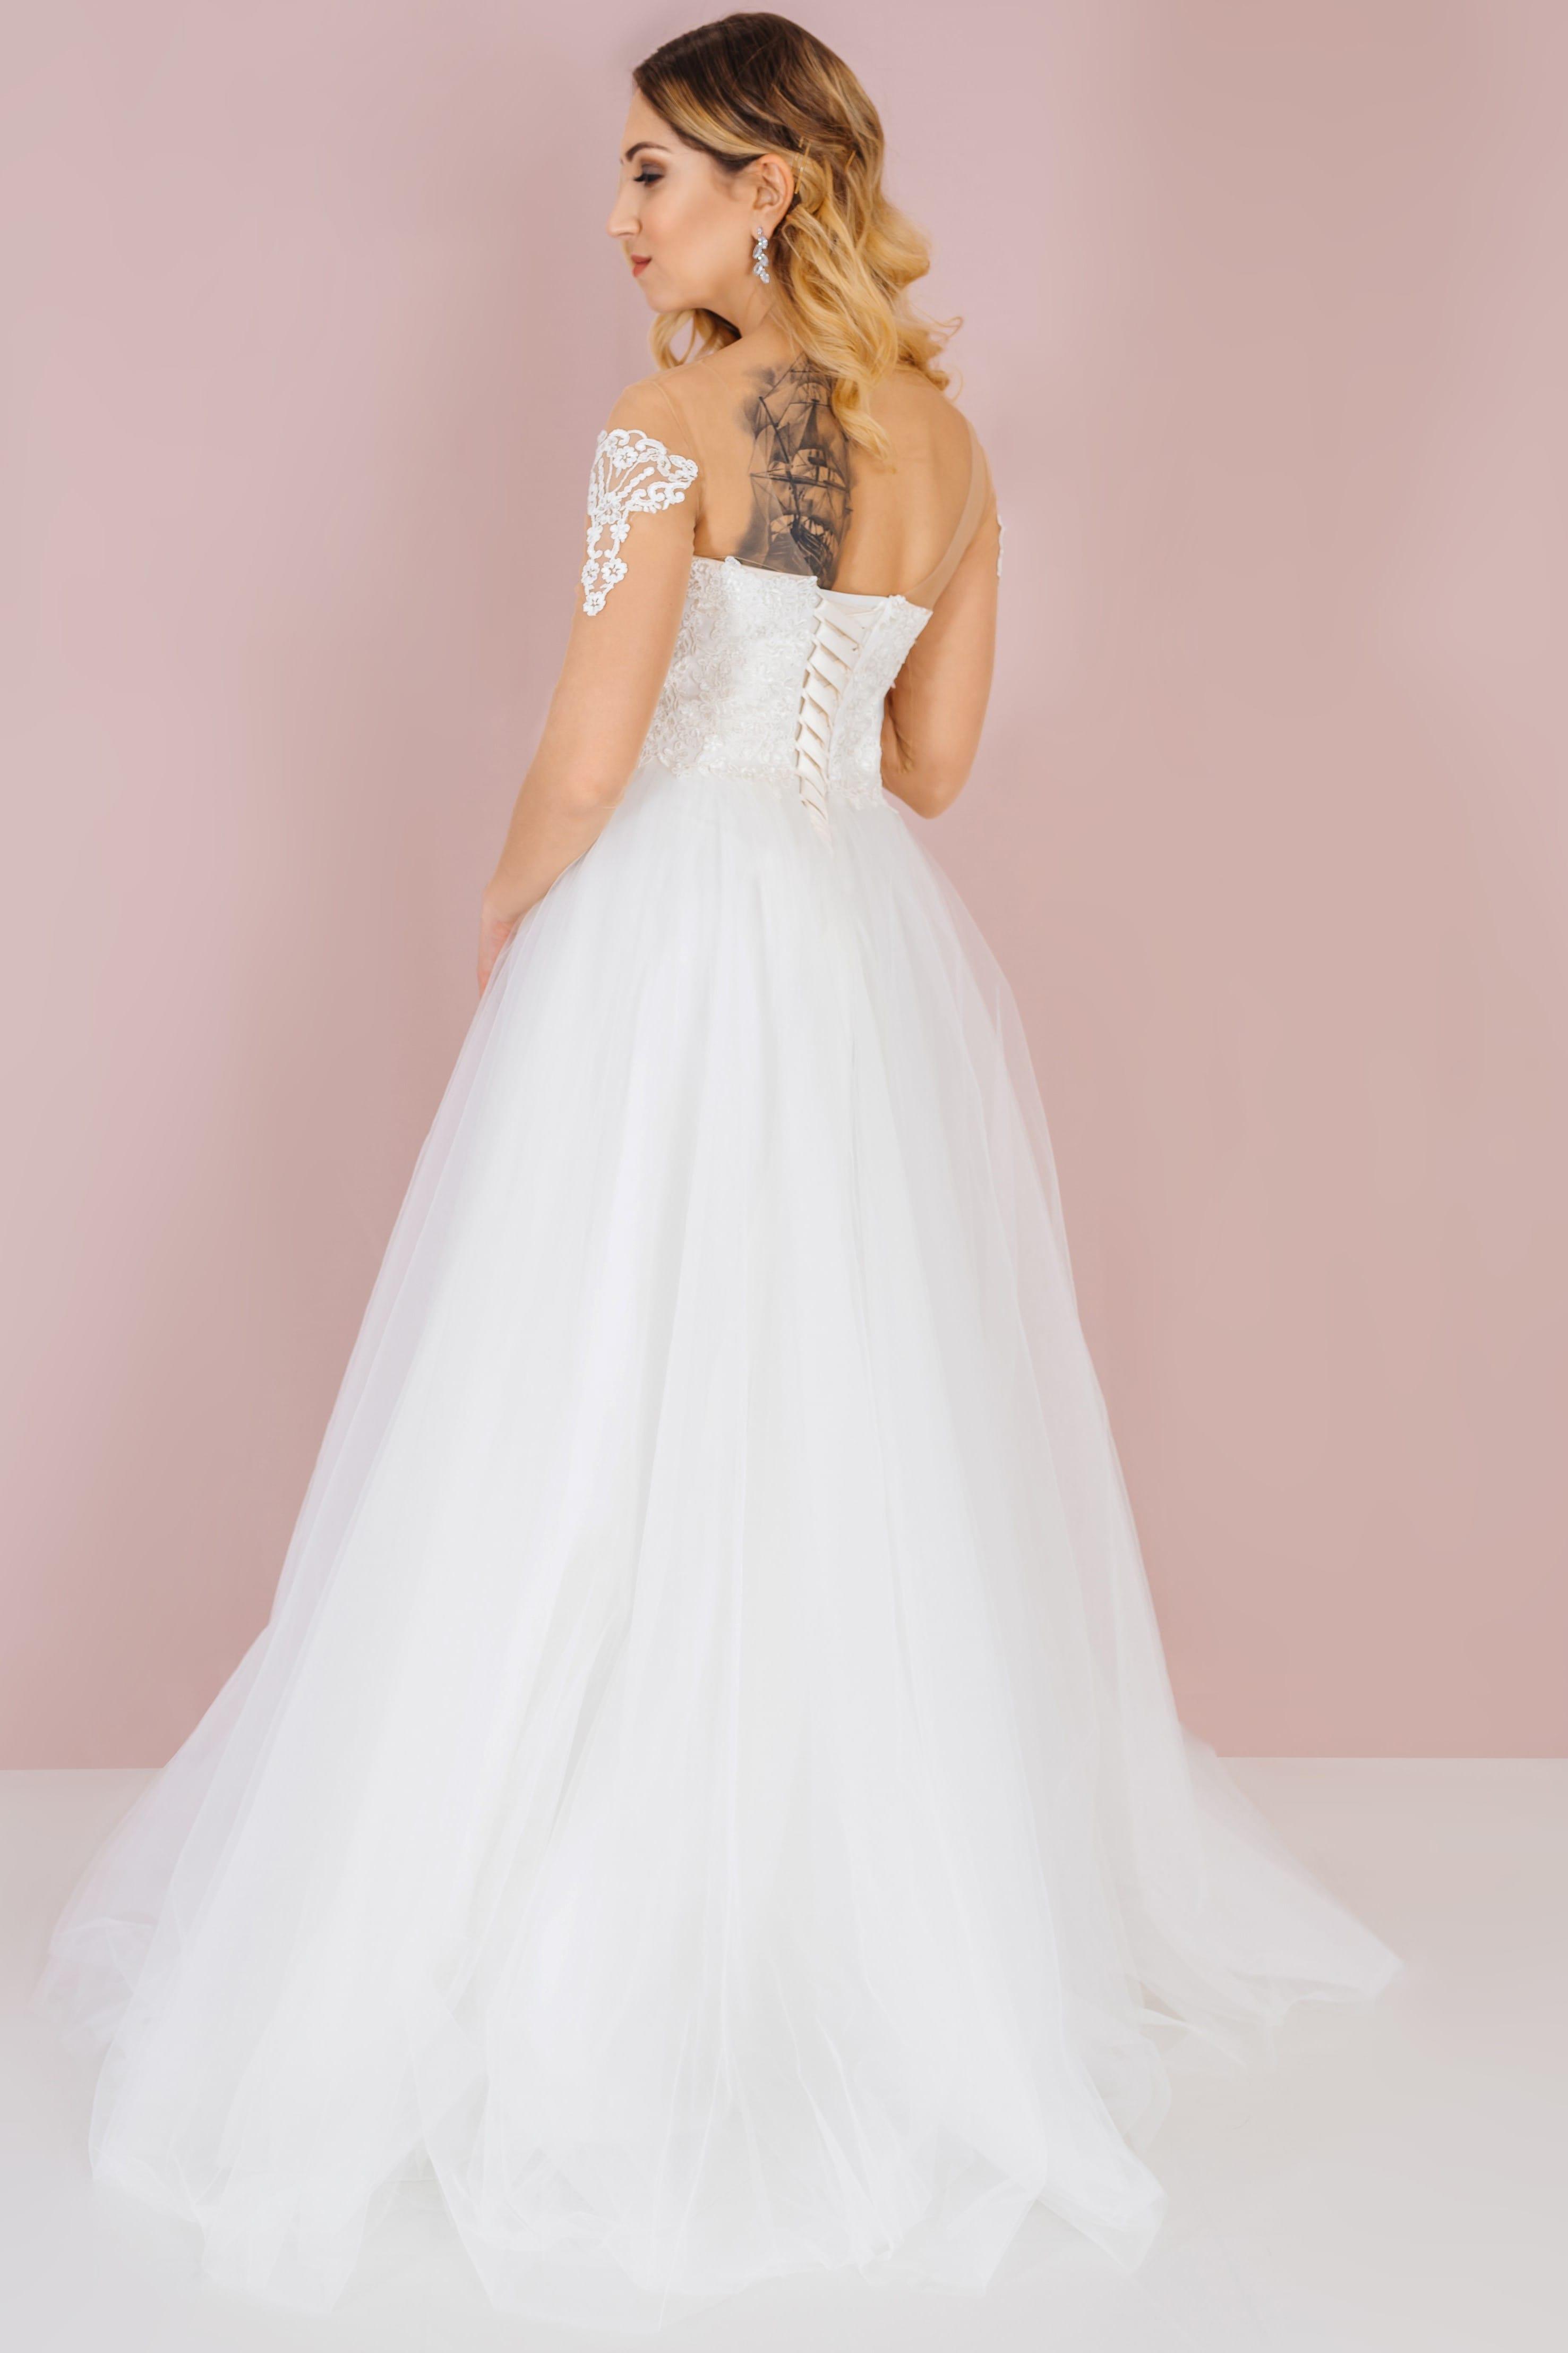 Свадебное платье LUICY, коллекция LOFT, бренд RARE BRIDAL, фото 2